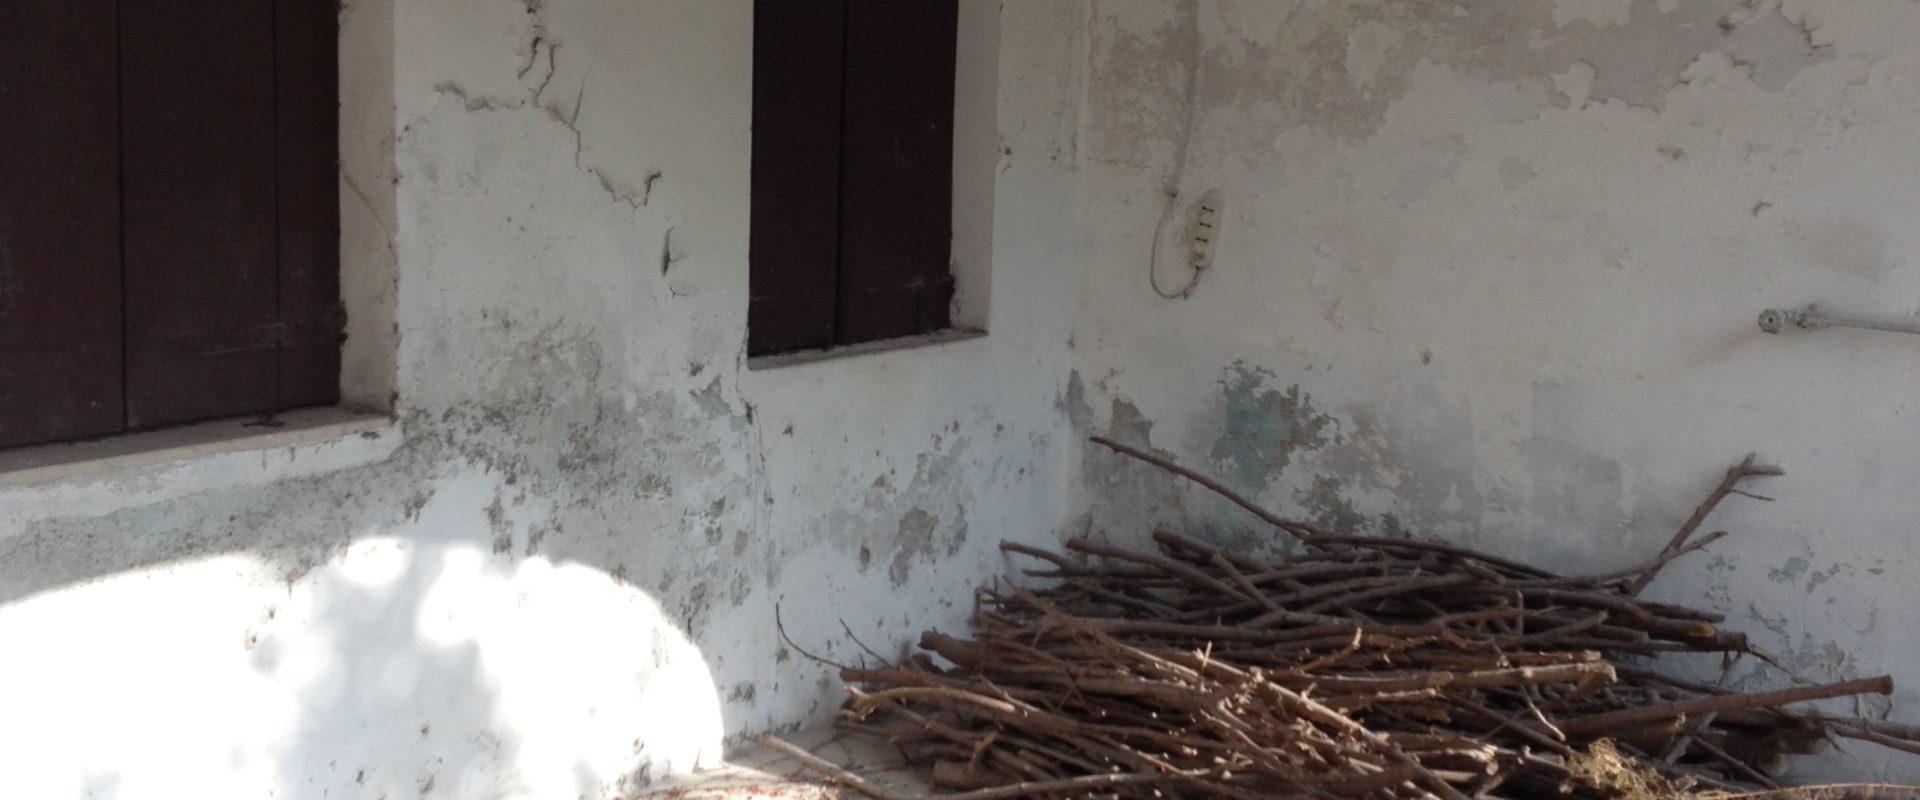 Vendita Casale / Rustico / Casa Colonica / Cascina a Cittadella – 6 Locali